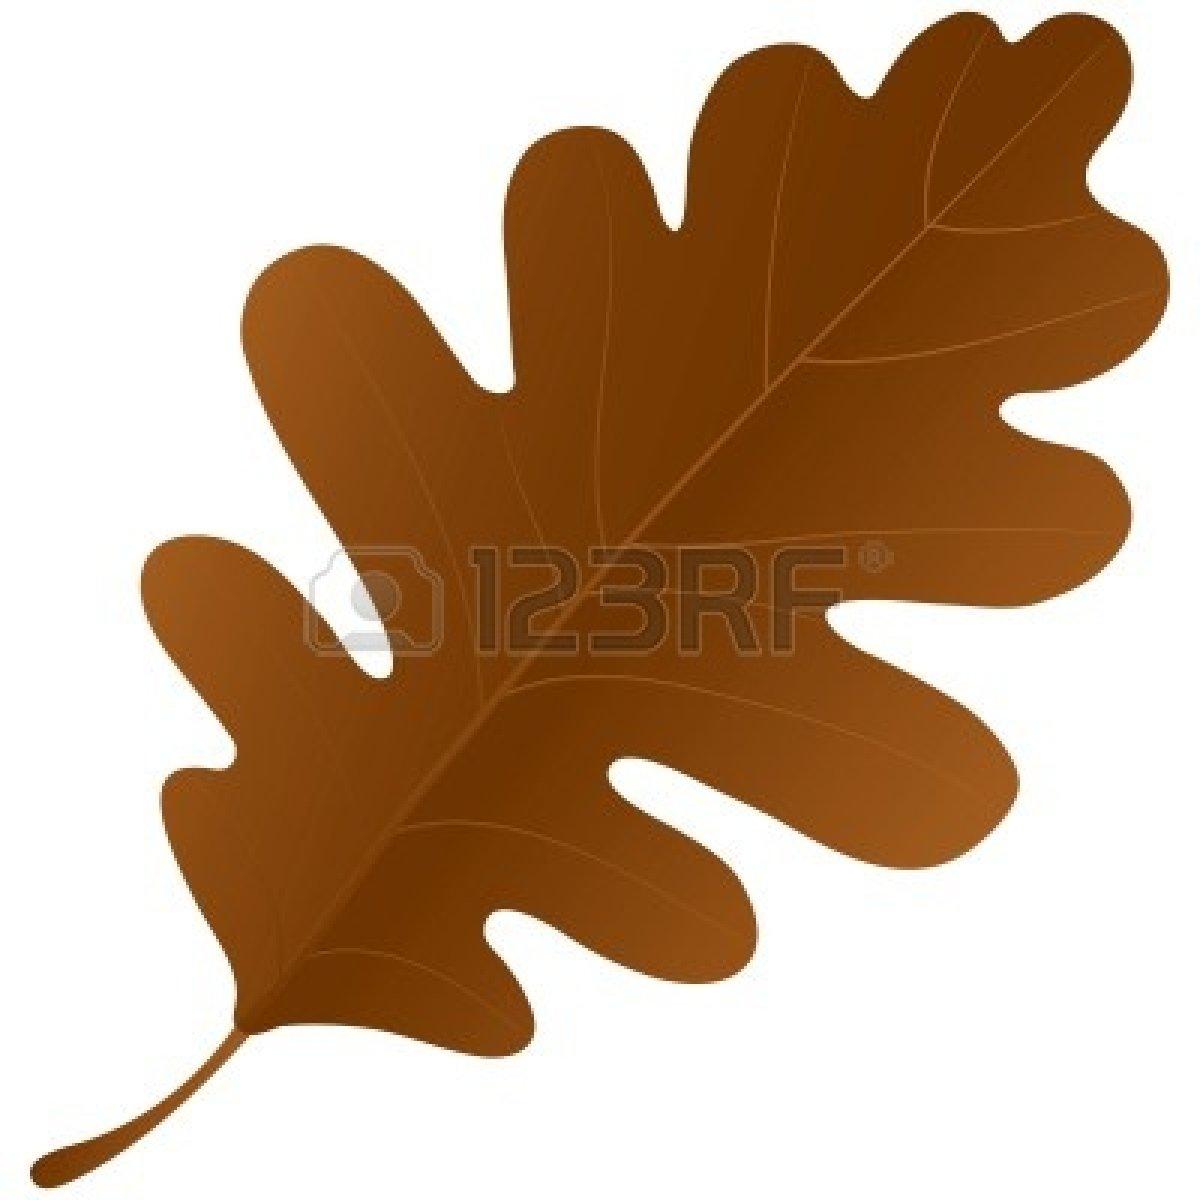 Autumn Oak Leaves Clipart.